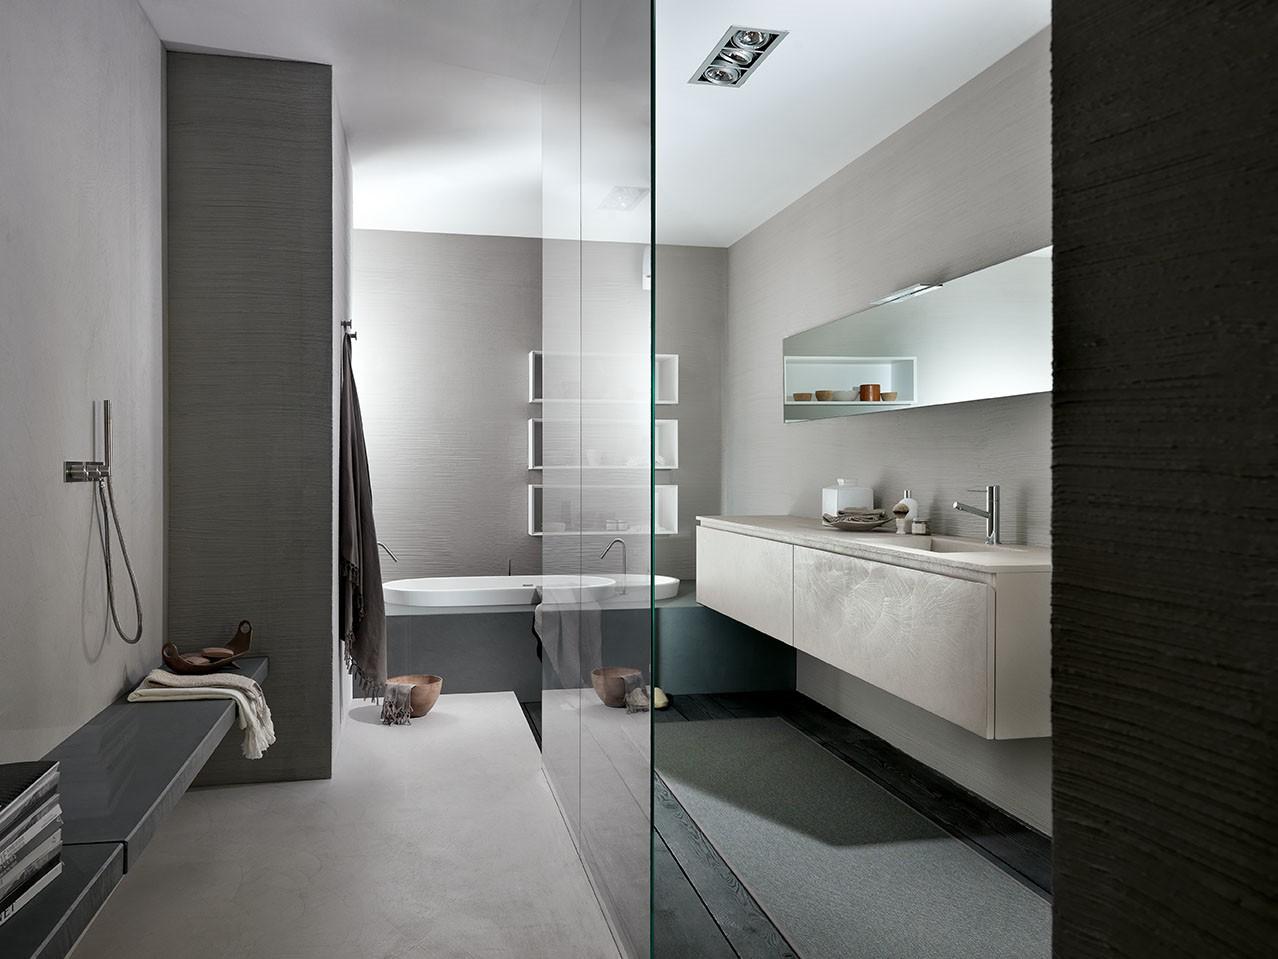 Meuble de salle de bain en rsine aspect bton avec vasque intgre MB3TWENTY Composition 1